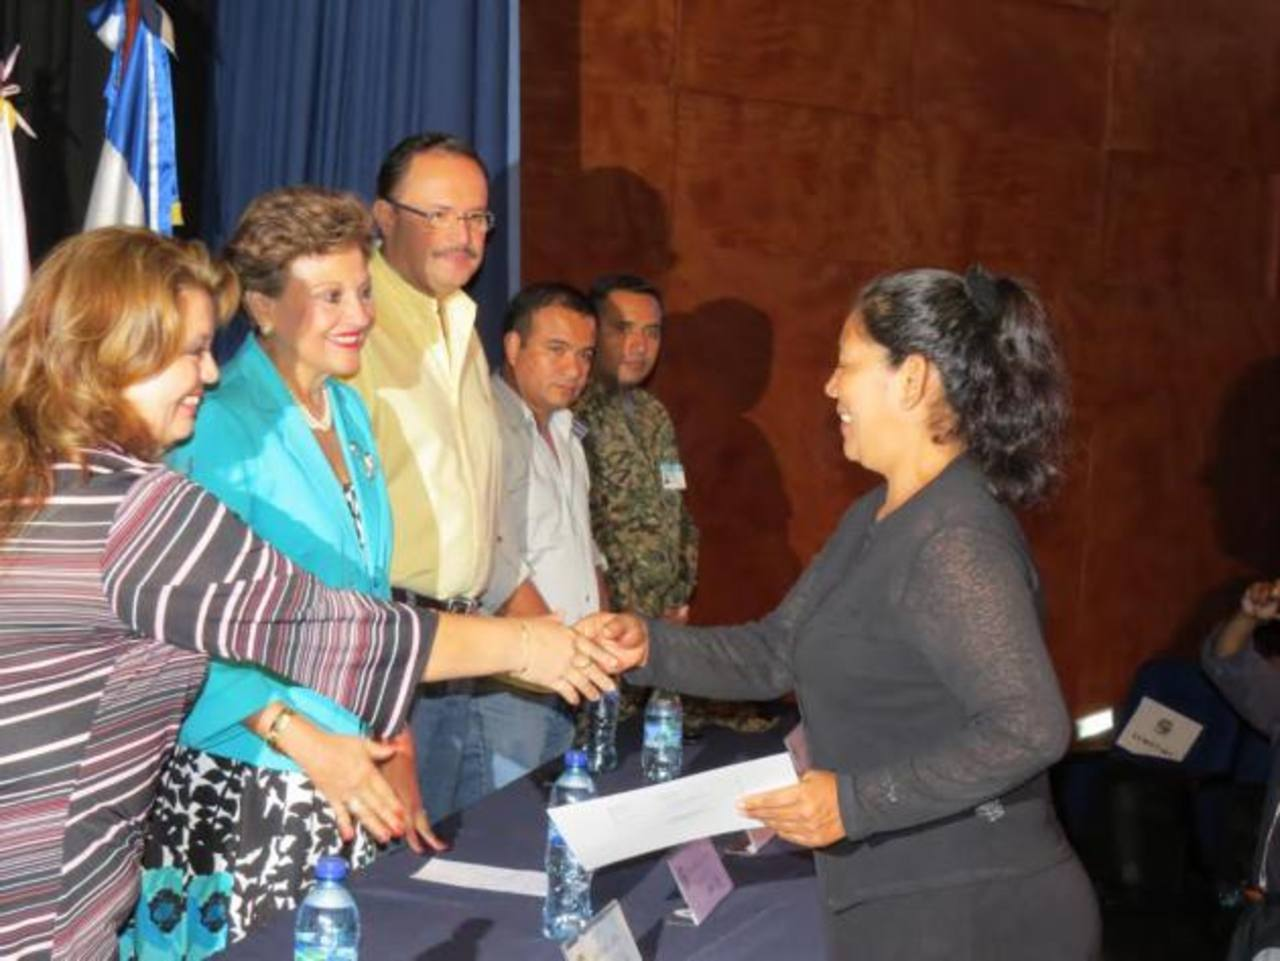 El acto de graduación se llevó a cabo en el Centro para la Cultura y las Artes Dr. Alfredo Espino, de Ahuachapán. Foto EDH / Roberto Zambrano